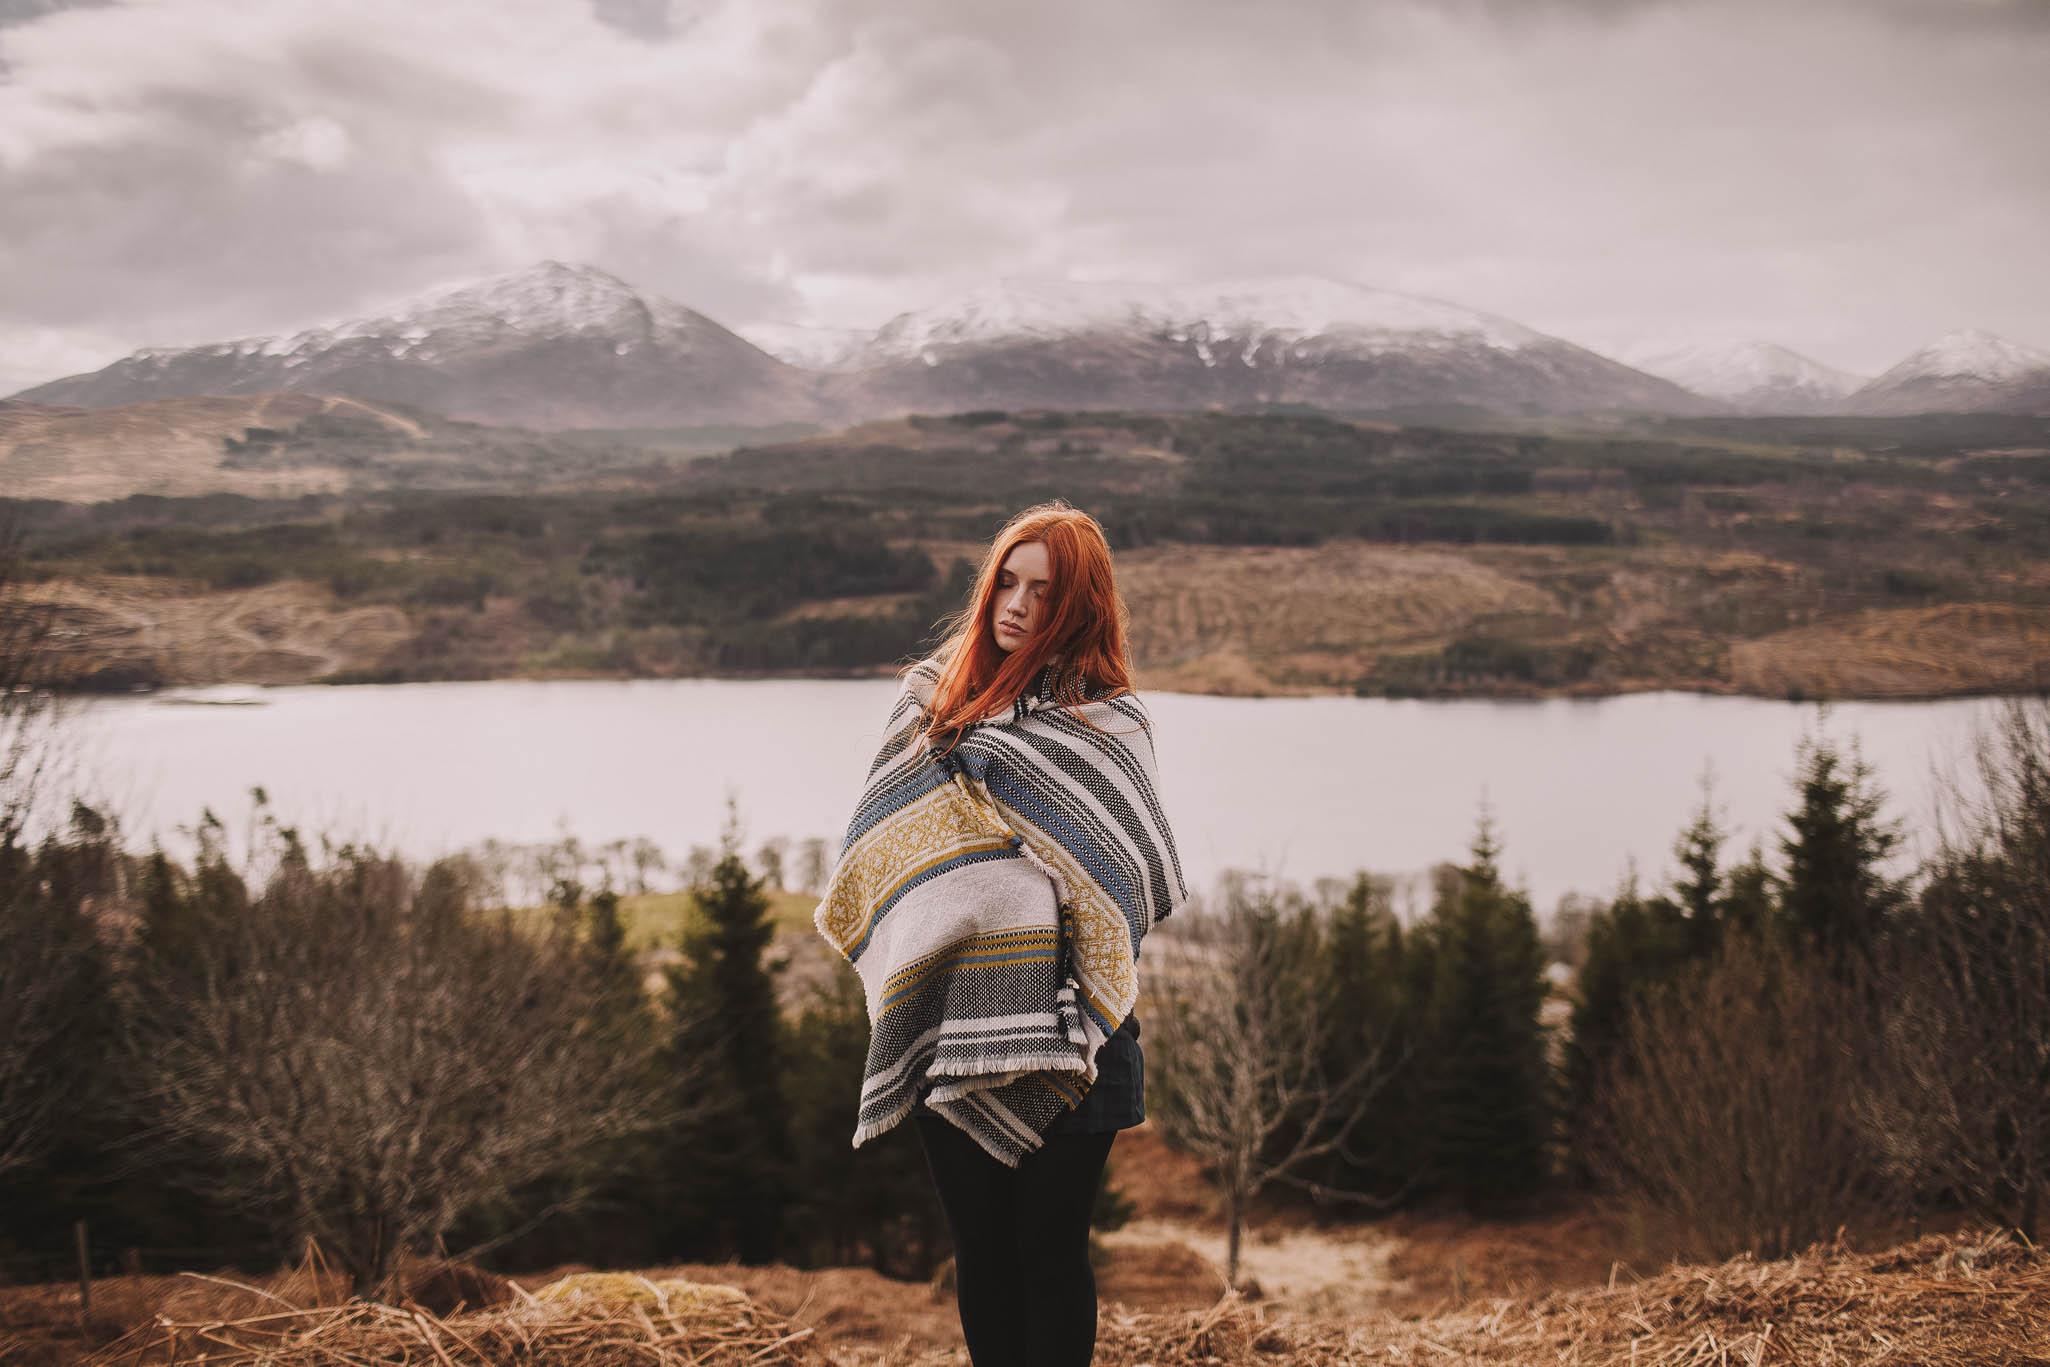 Scotland-wedding-photographer-jeremy-boyer-photographe-mariage-ecosse-voyage-road-trip-travel-35.jpg